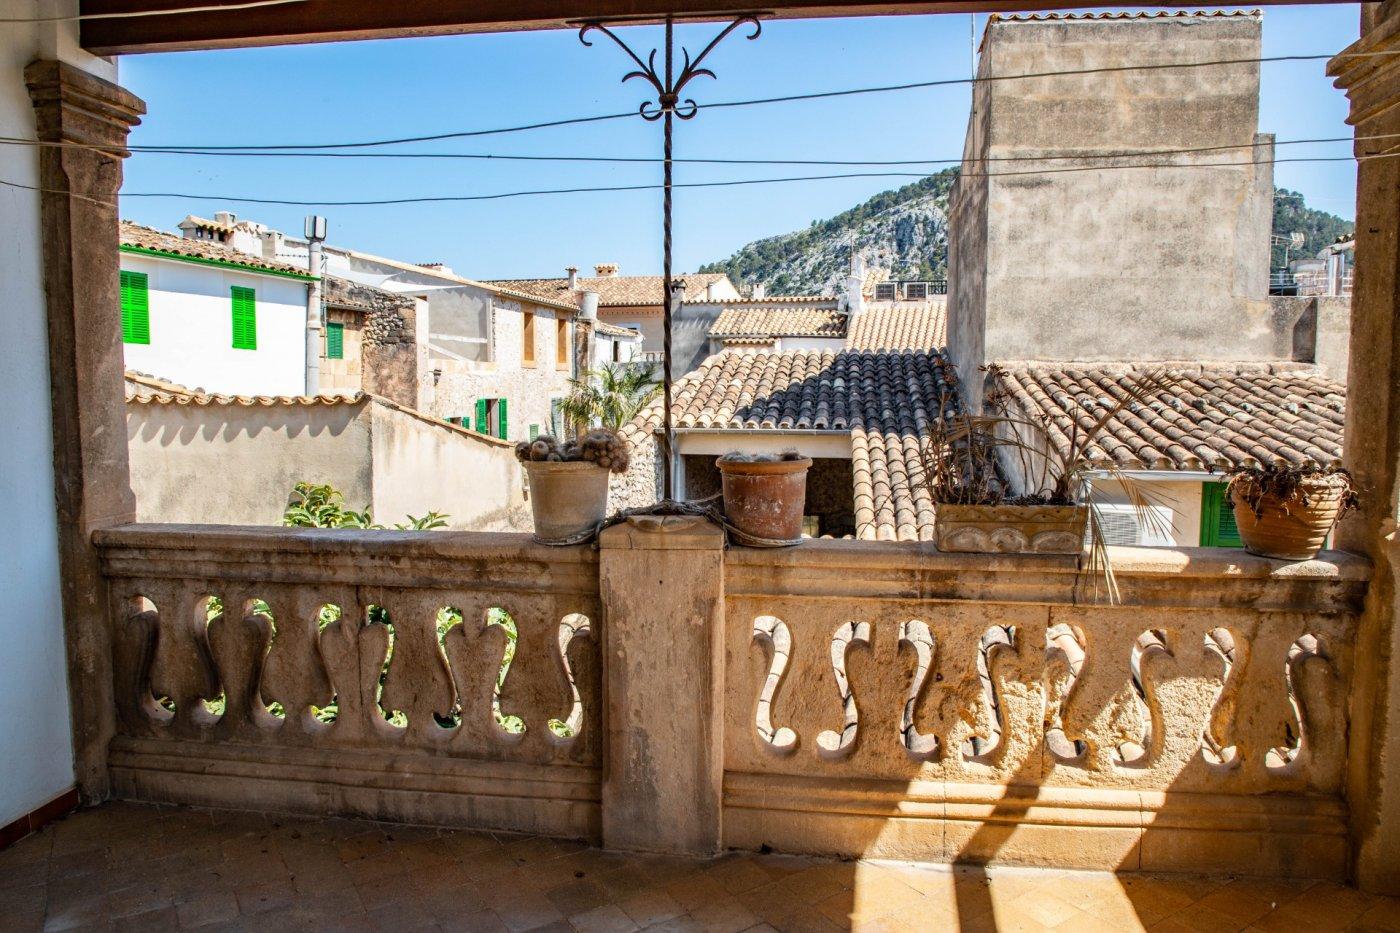 En venta excelente casa en el centro de pollensa - imagenInmueble25